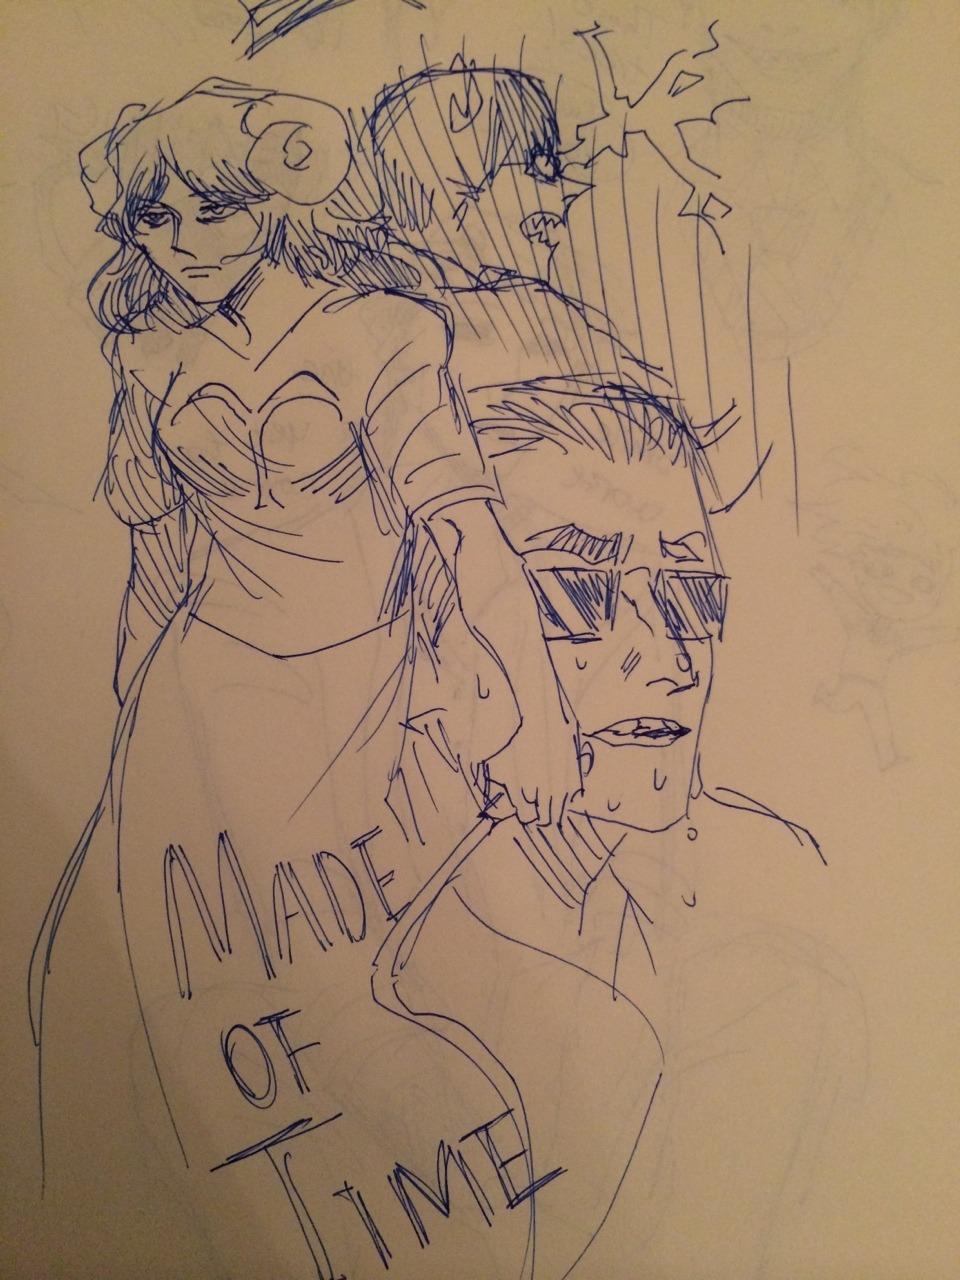 aradia_megido equius_zahhak optiic_bla2t psionics raythrill sketch sollux_captor whip